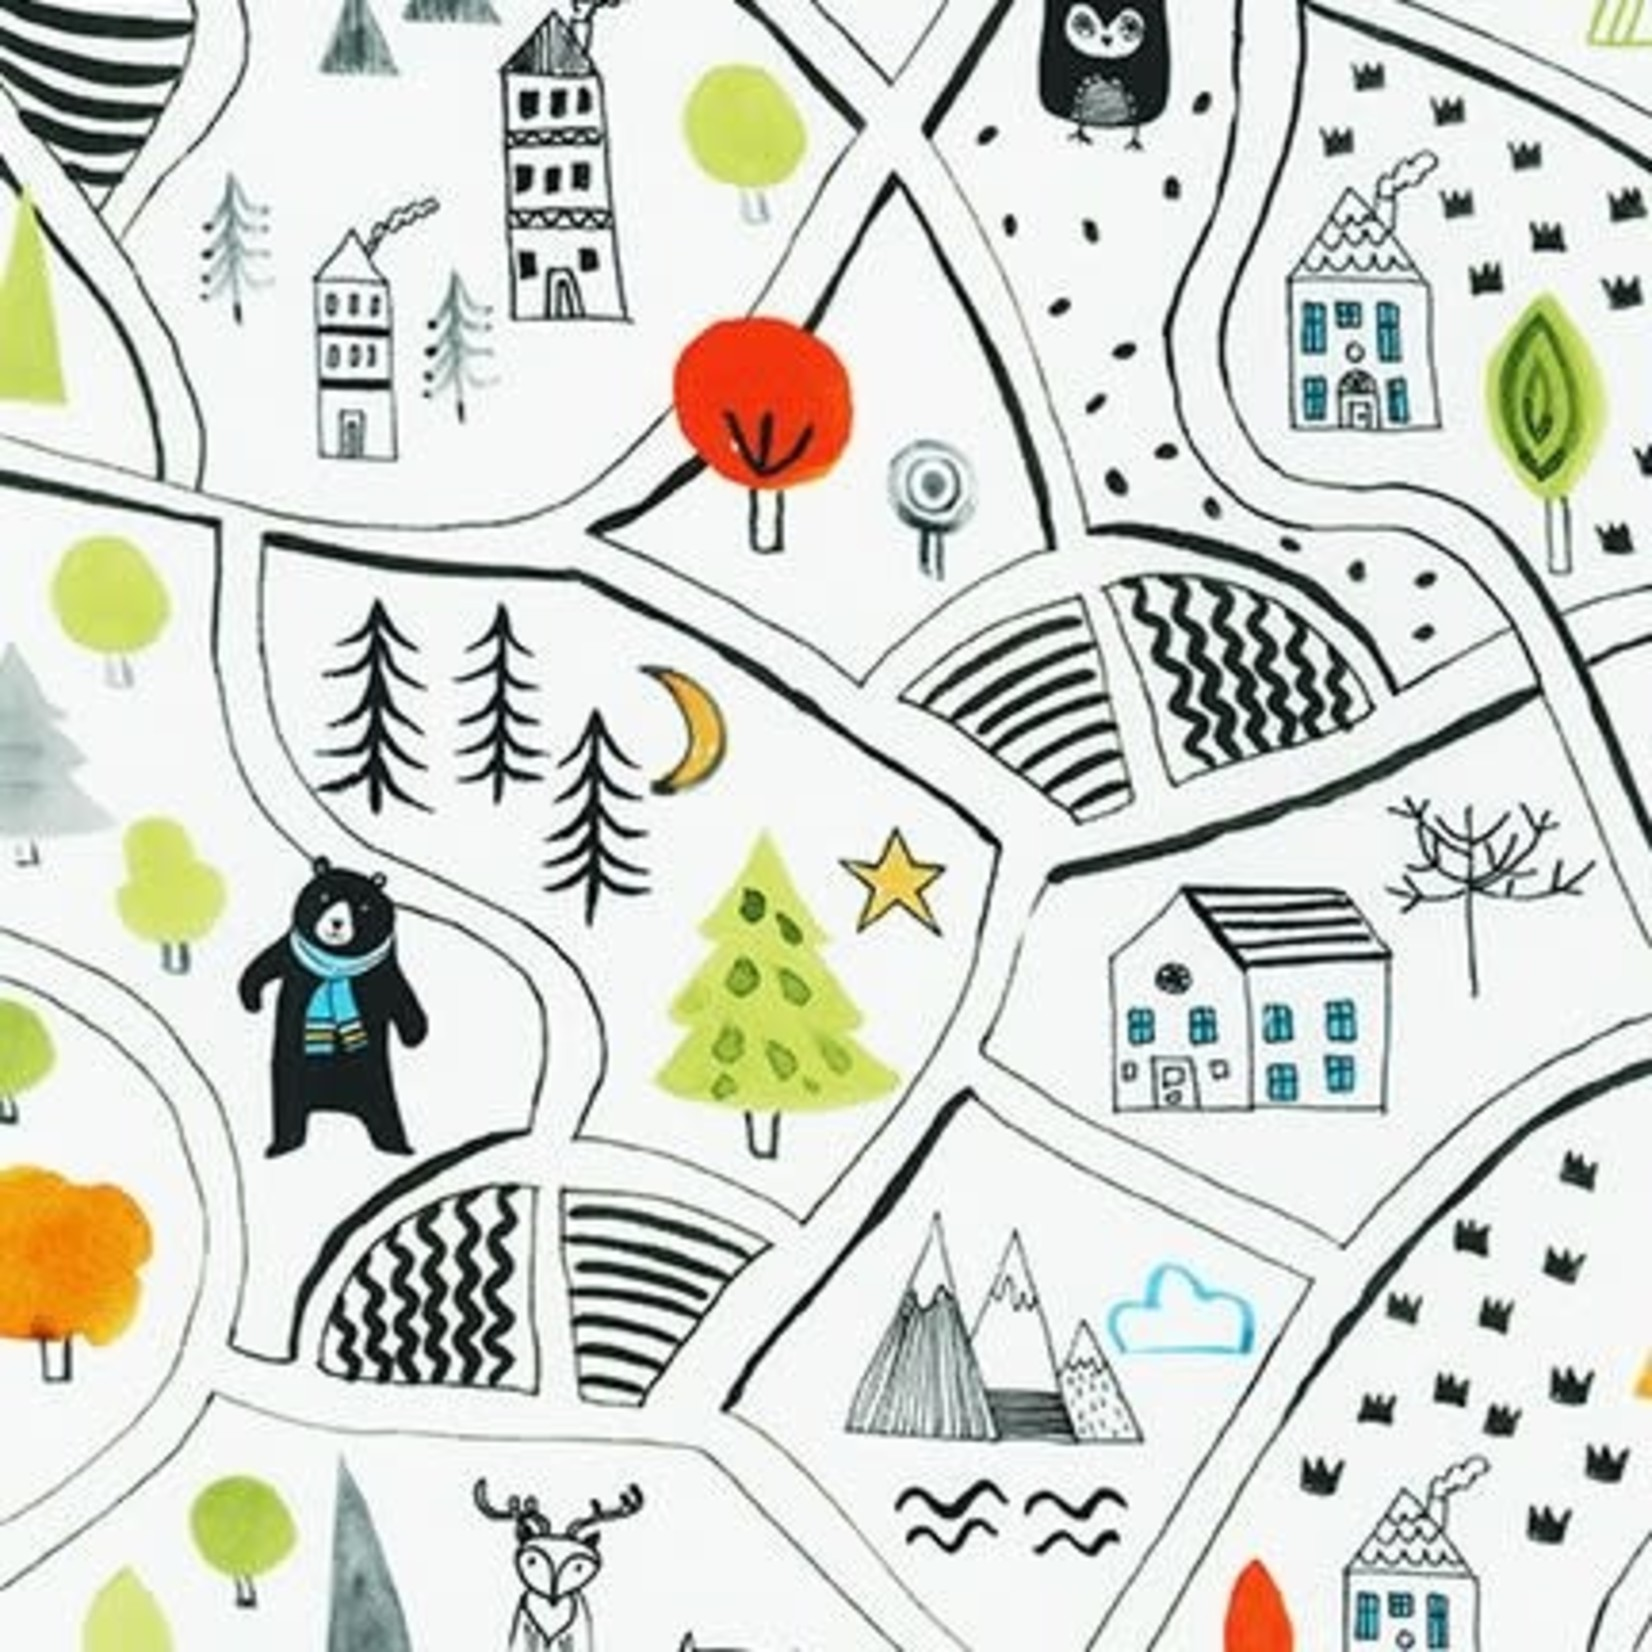 Robert Kaufman NEIGHBOURHOOD PALS, Neighbourhood Map on White, Per Cm or $19/m